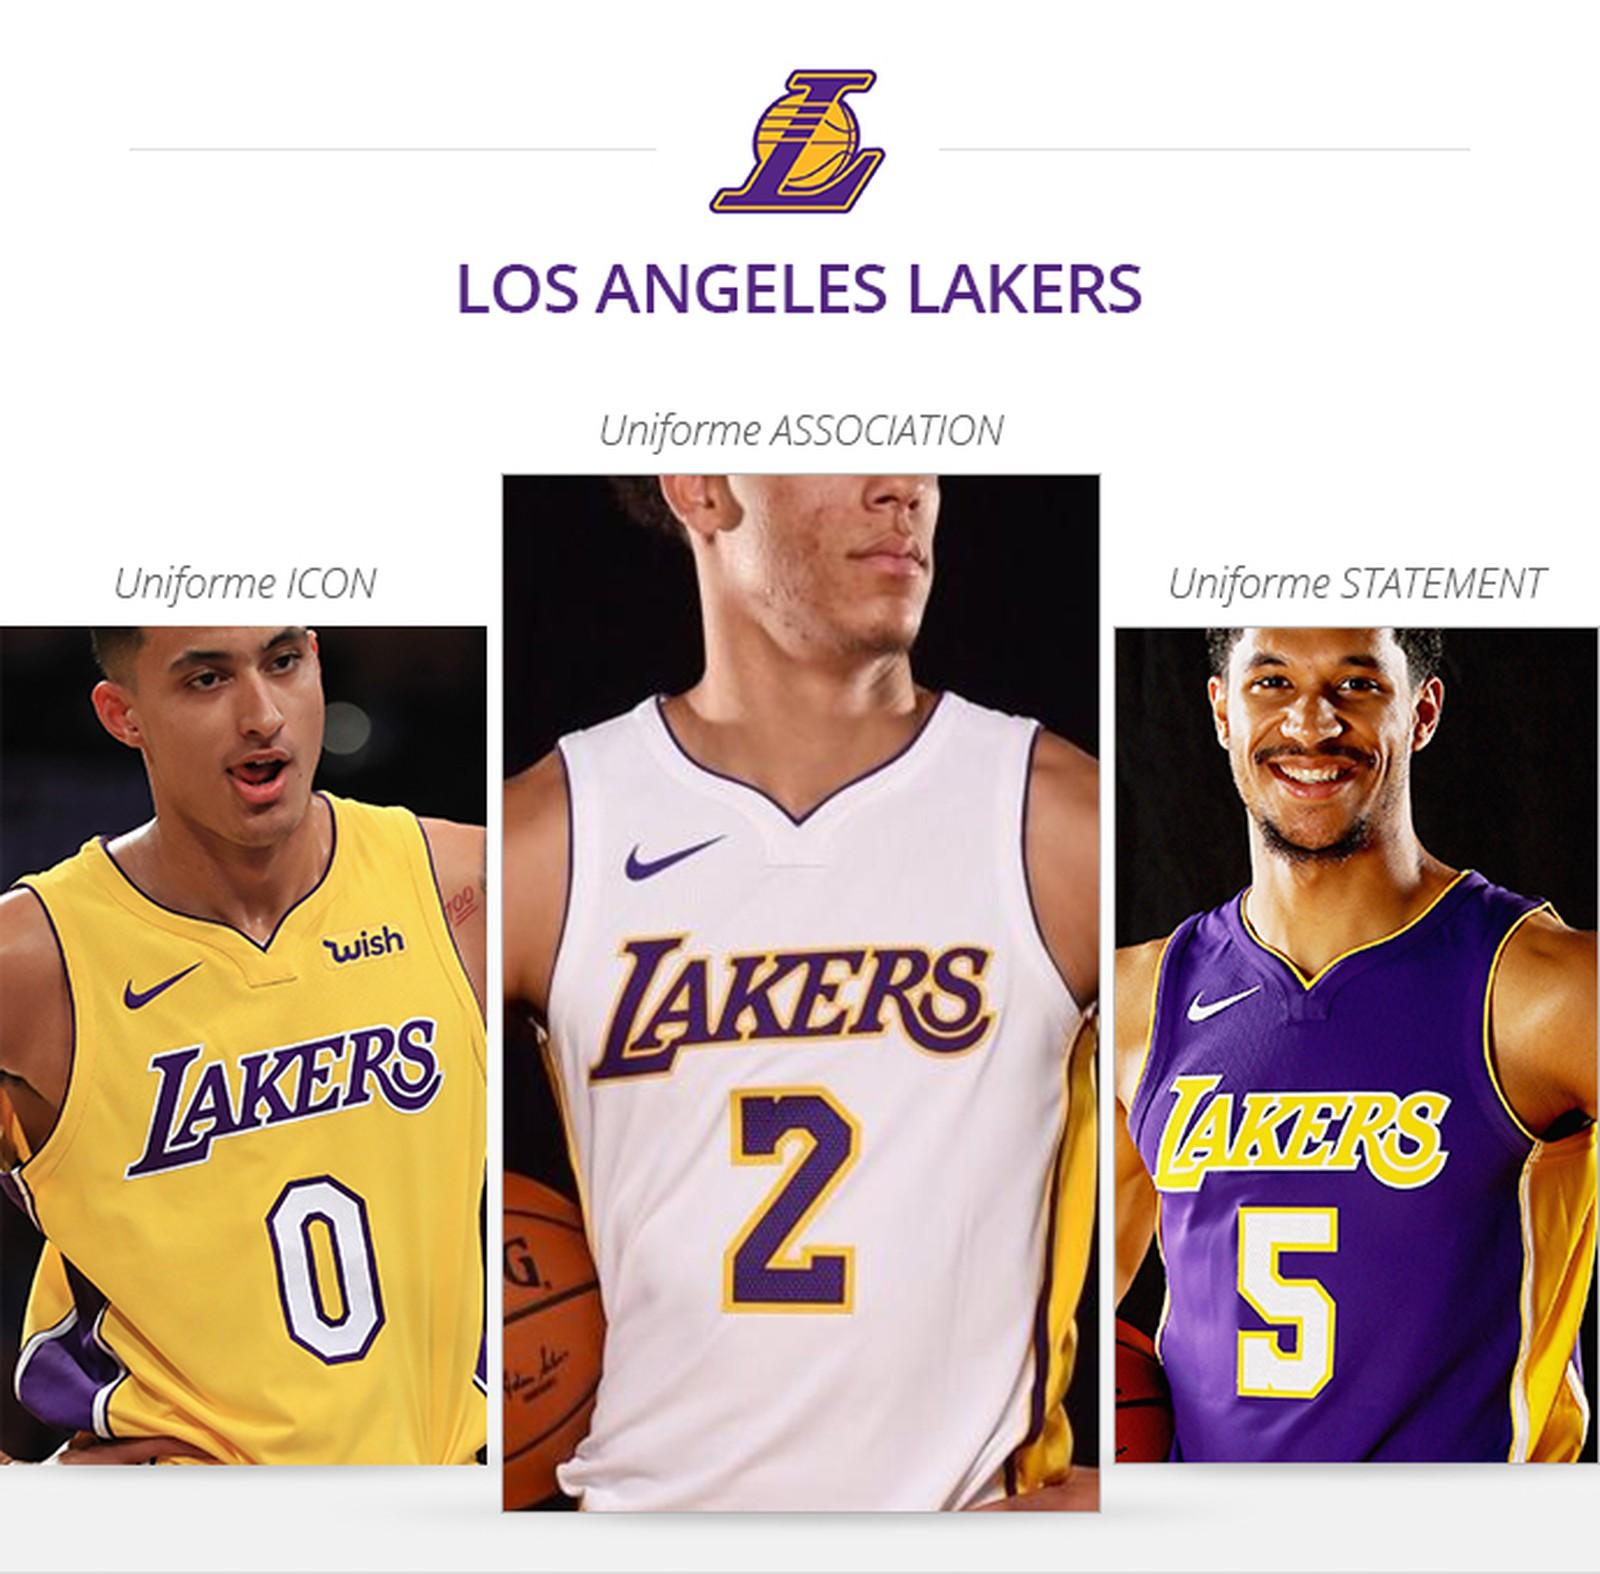 Uniformes Lakers Saison 2017/18